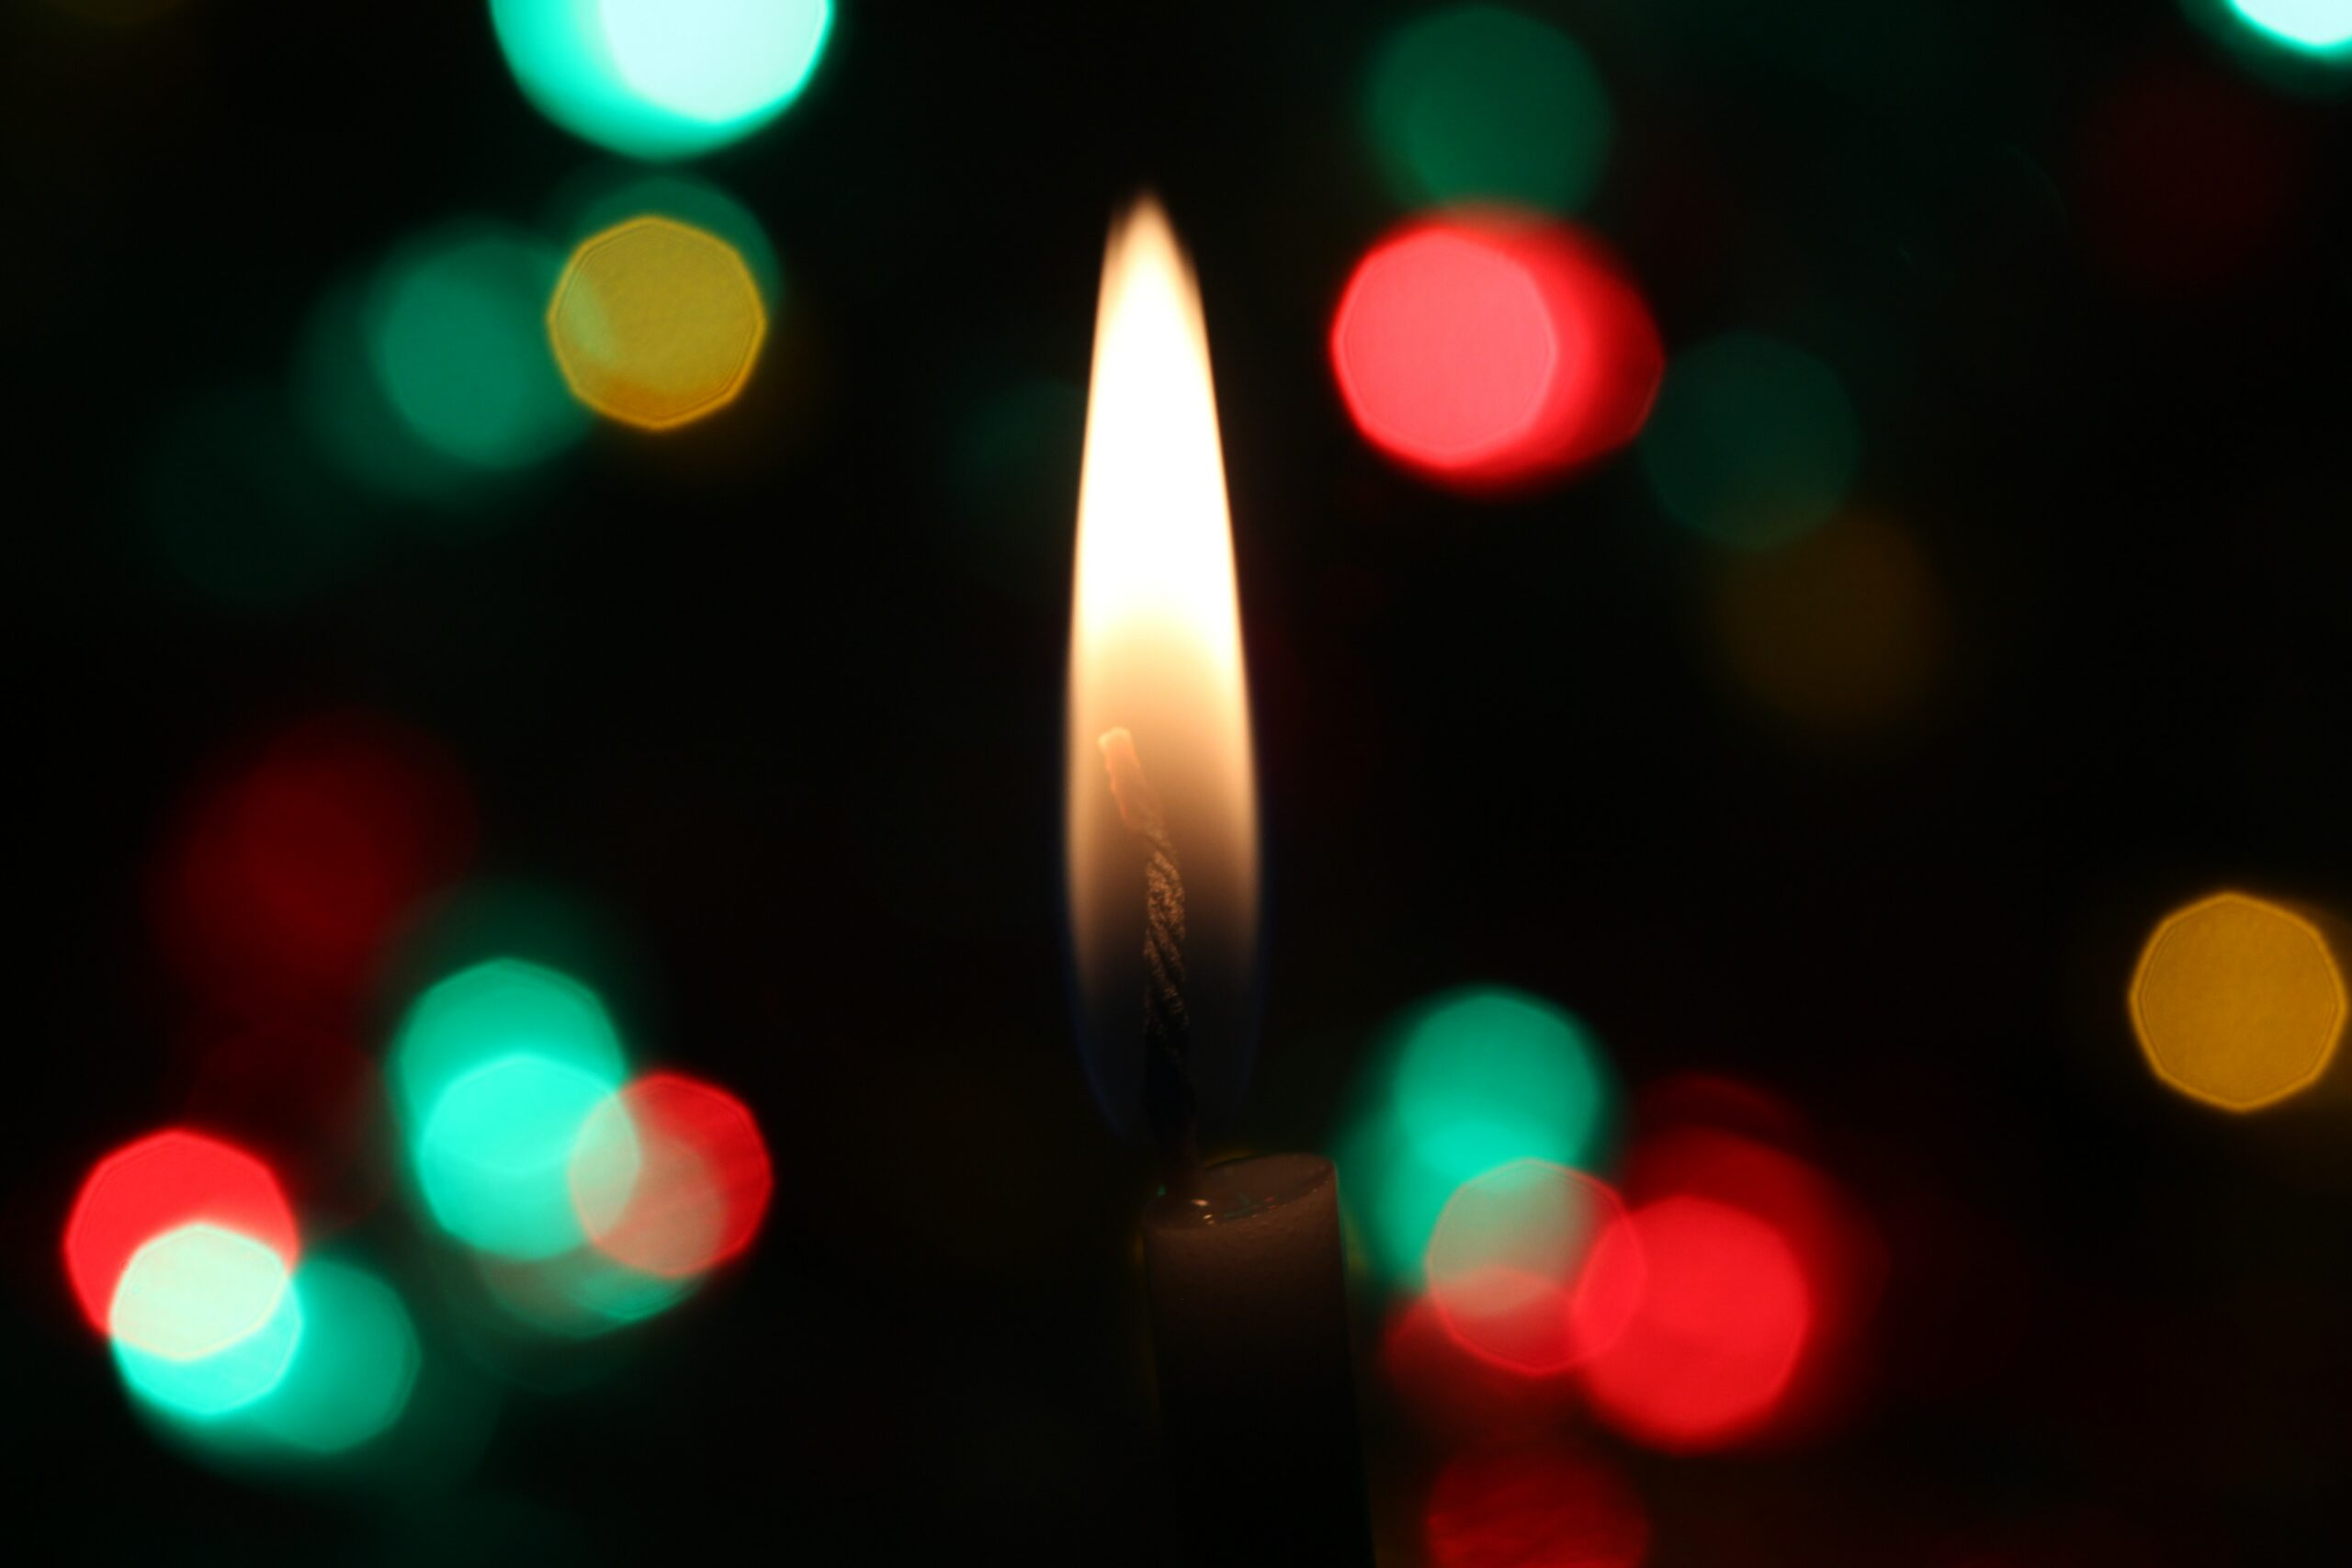 Kerzenflamme vor dunklem Hintergrund. In diesem Artikel erfahren Sie wie Sie die Weihnachtszeit für Pressearbeit nutzen können.